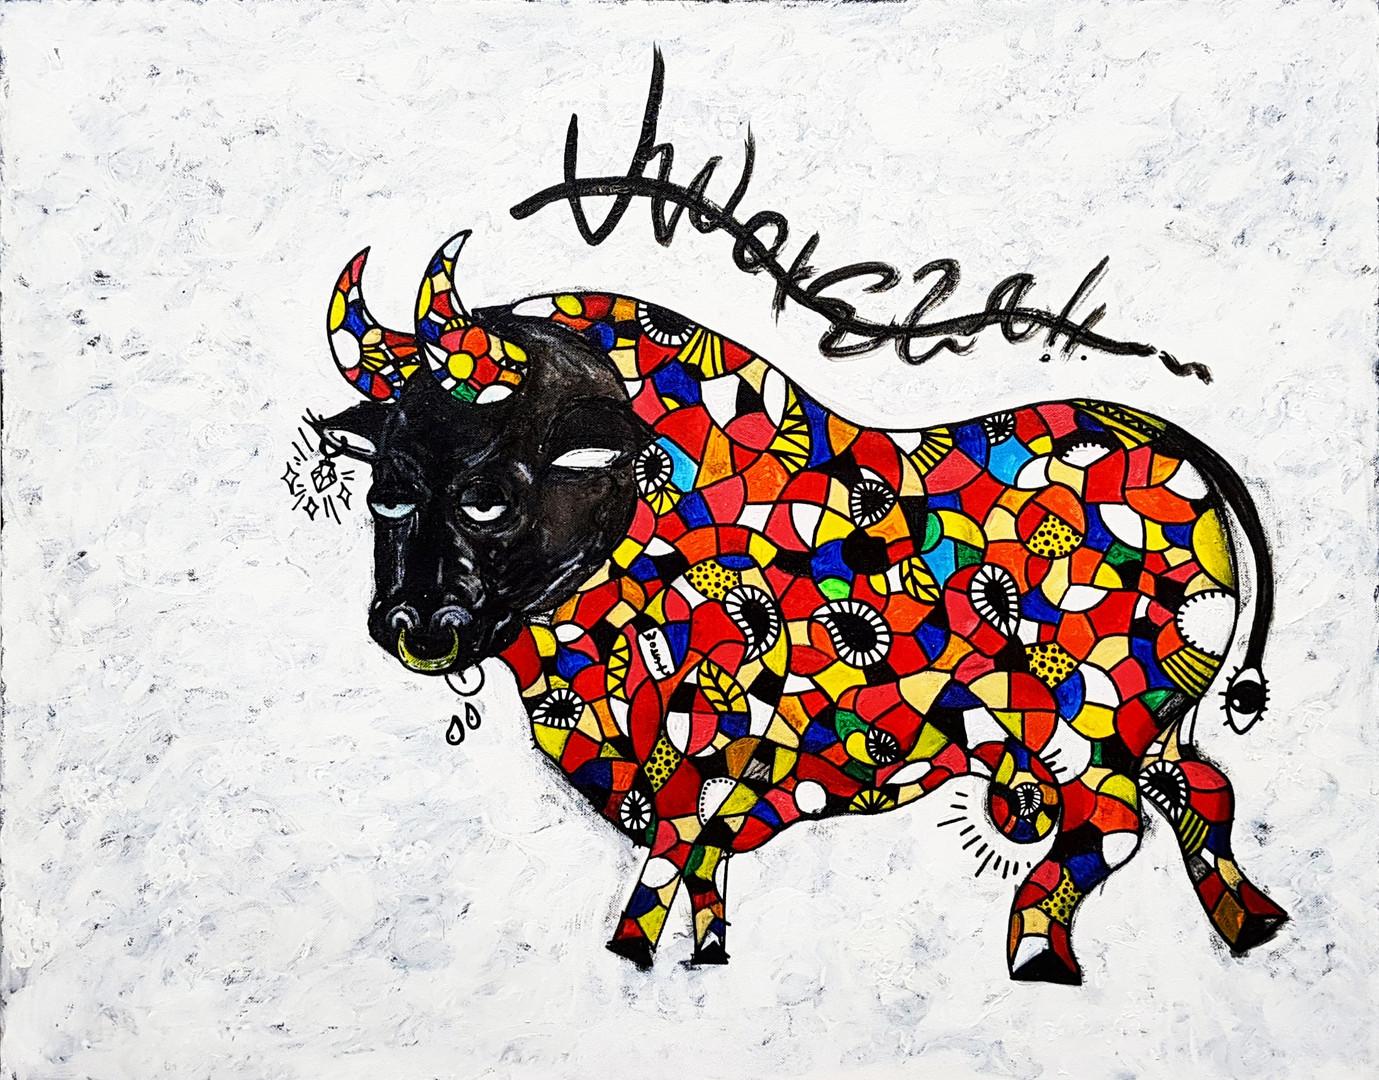 [주동찬, Picasso, 90 x 72.7 cm. Acrylic on